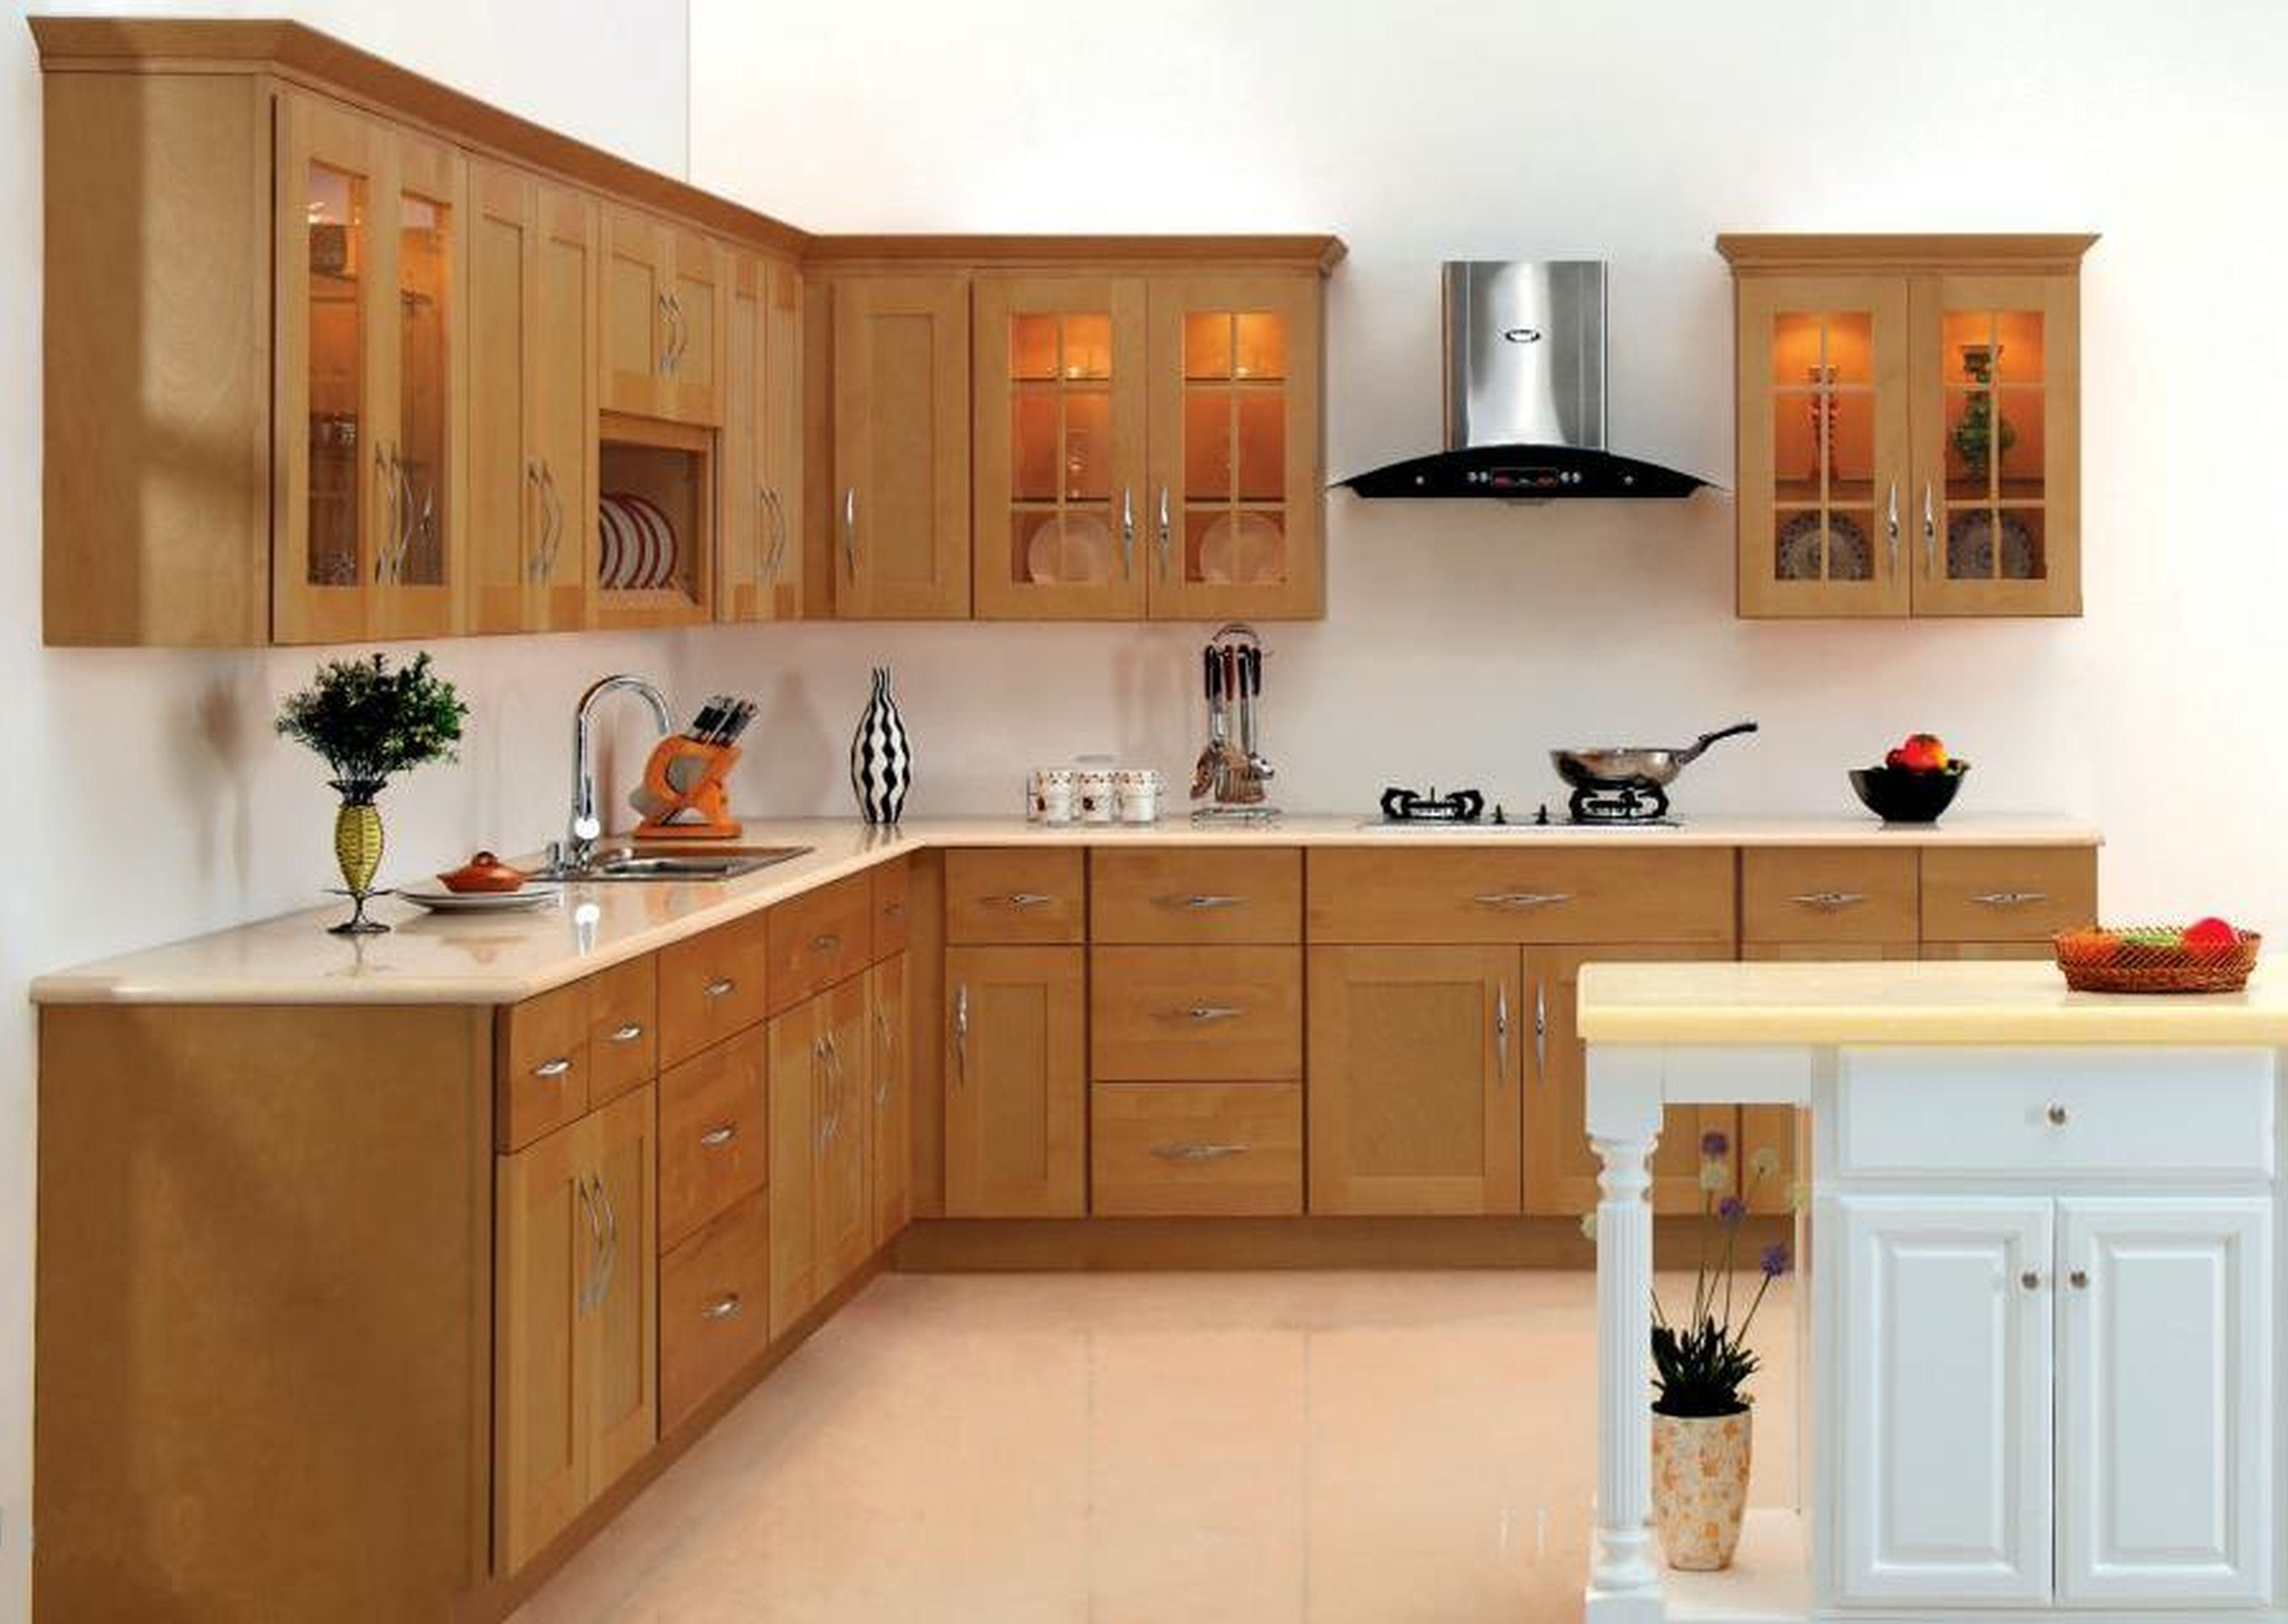 kitchens designs Simple Kitchen Designs Photo Gallery